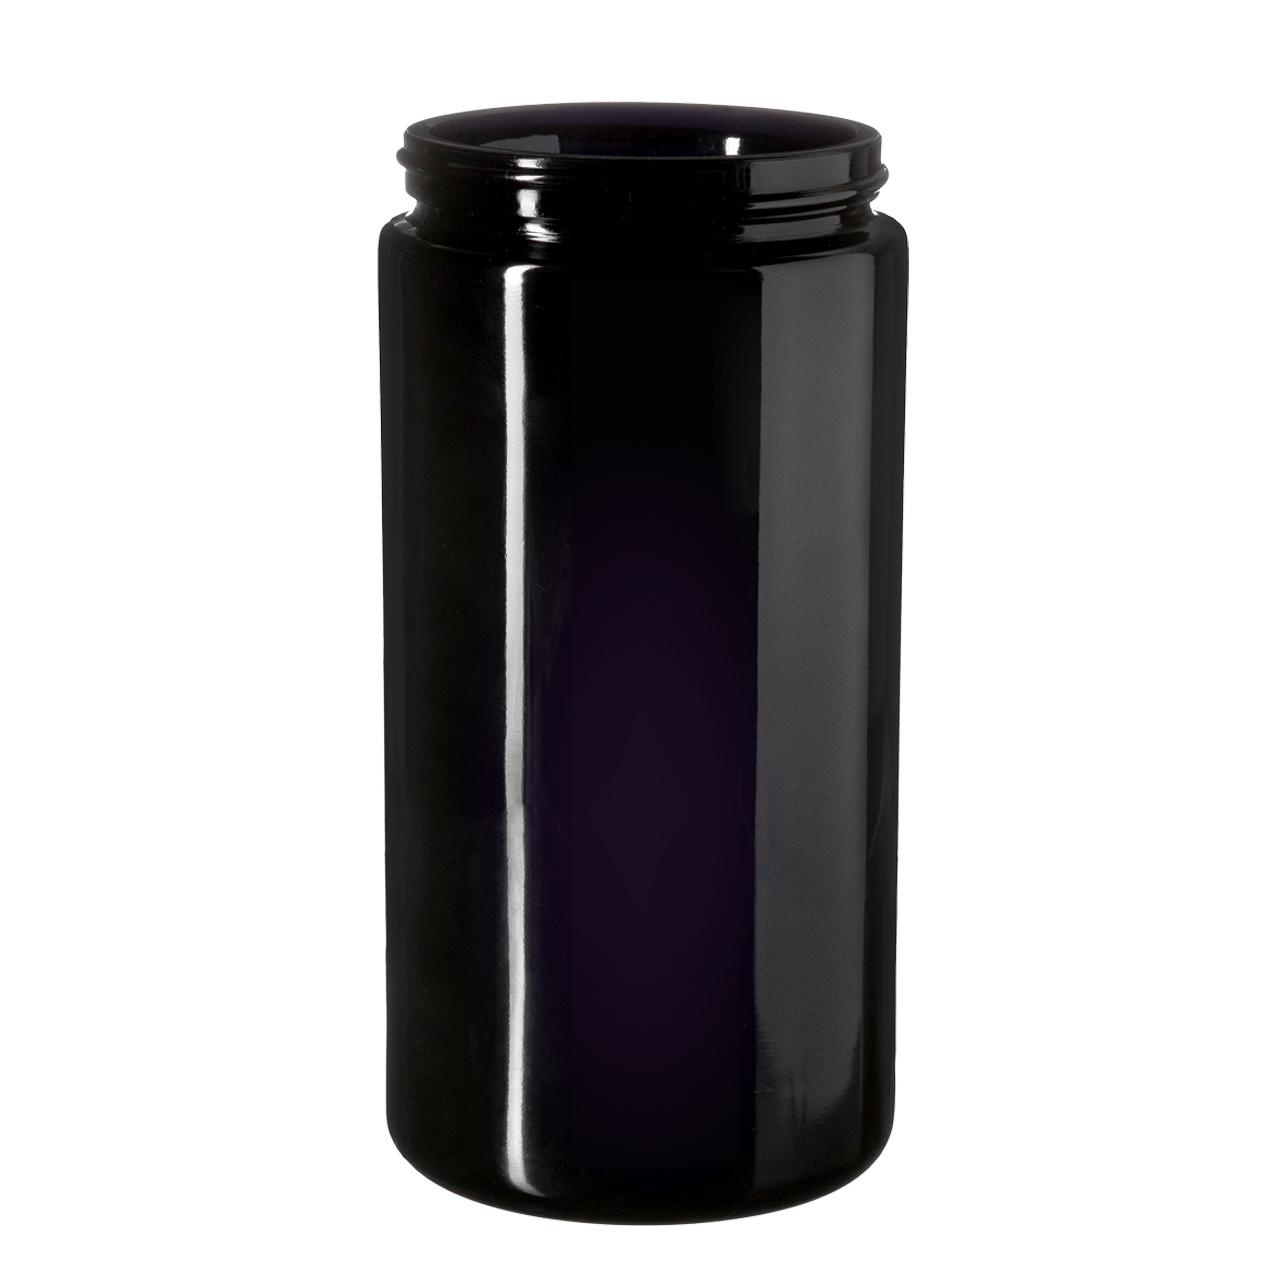 Wide neck jar Saturn 1000 ml, Miron, 89/400 thread